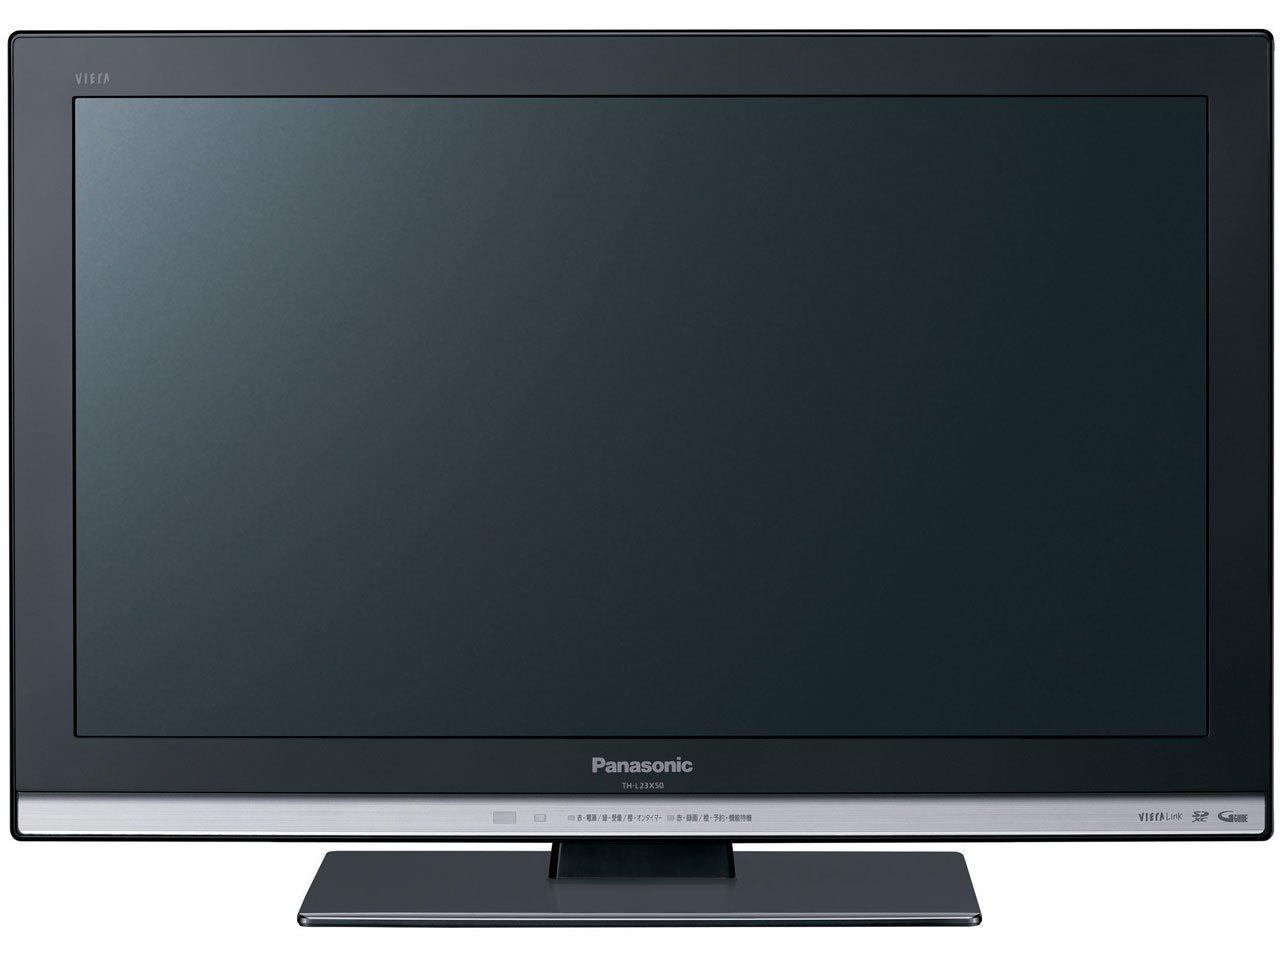 パナソニック 23V型 液晶テレビ ビエラ TH-L23X50 フルハイビジョン   2012年モデル B0089IGZ0E  23型